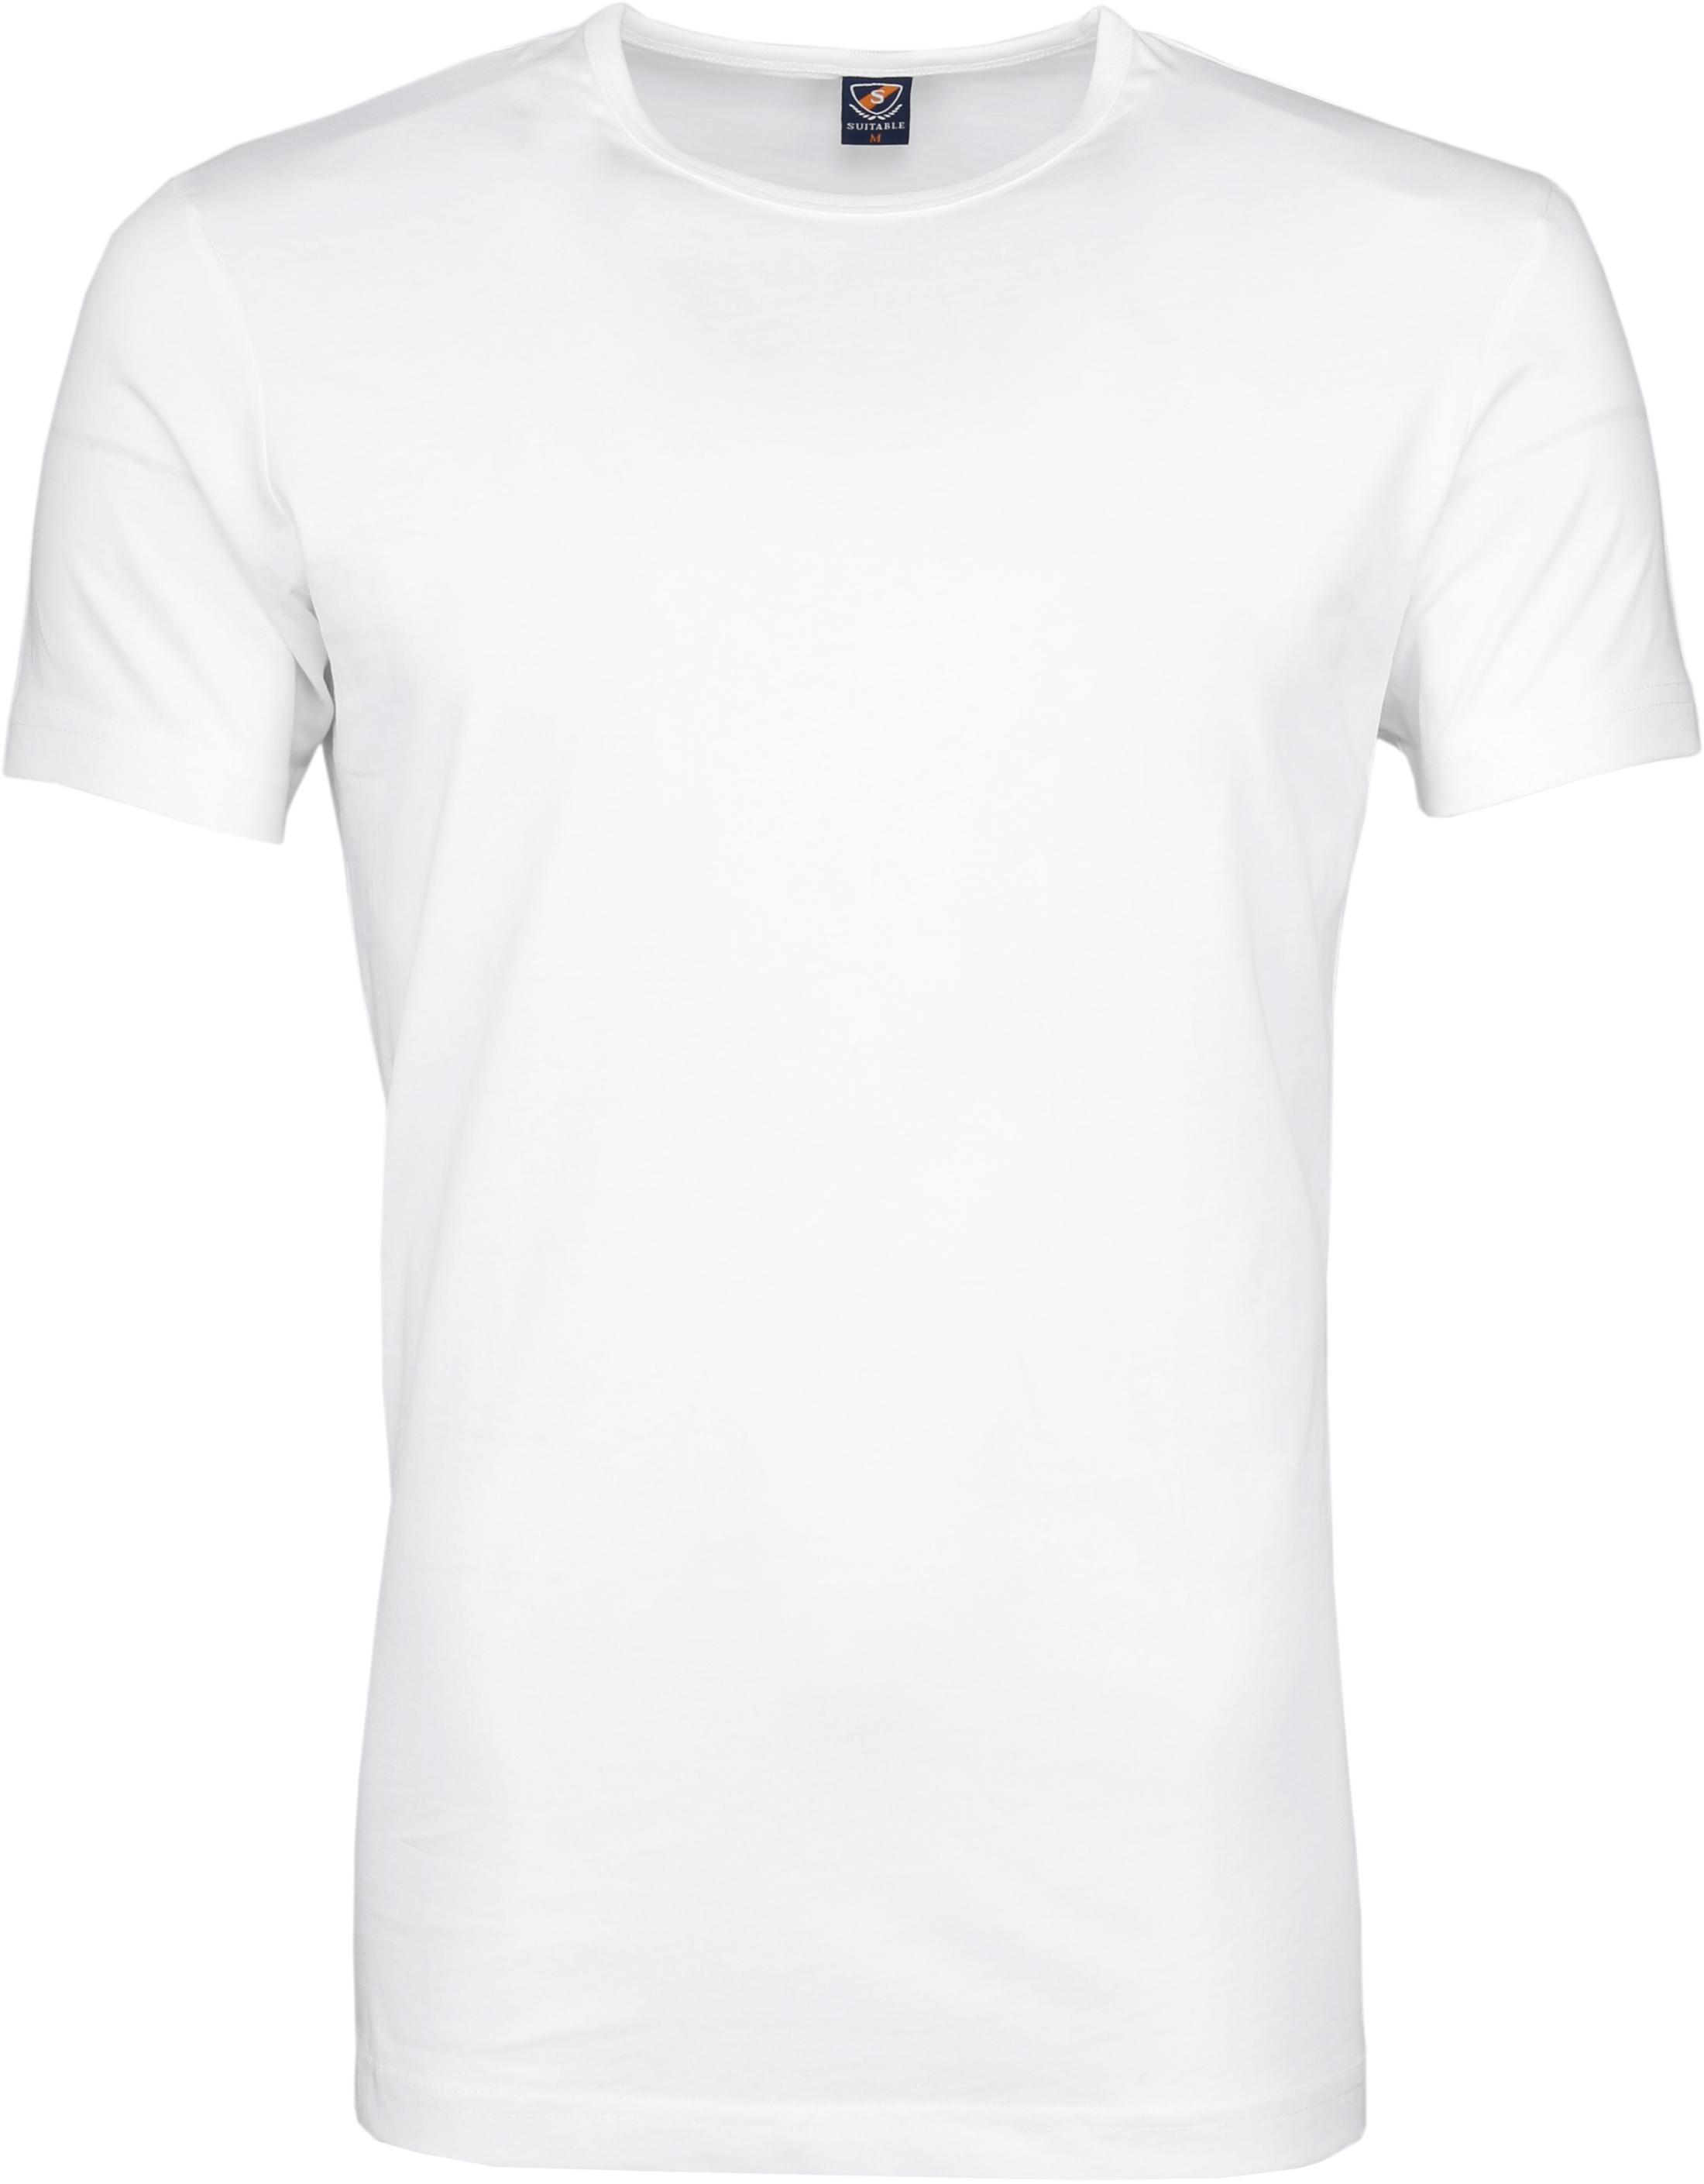 White T-shirt O-Neck 6-Pack photo 2